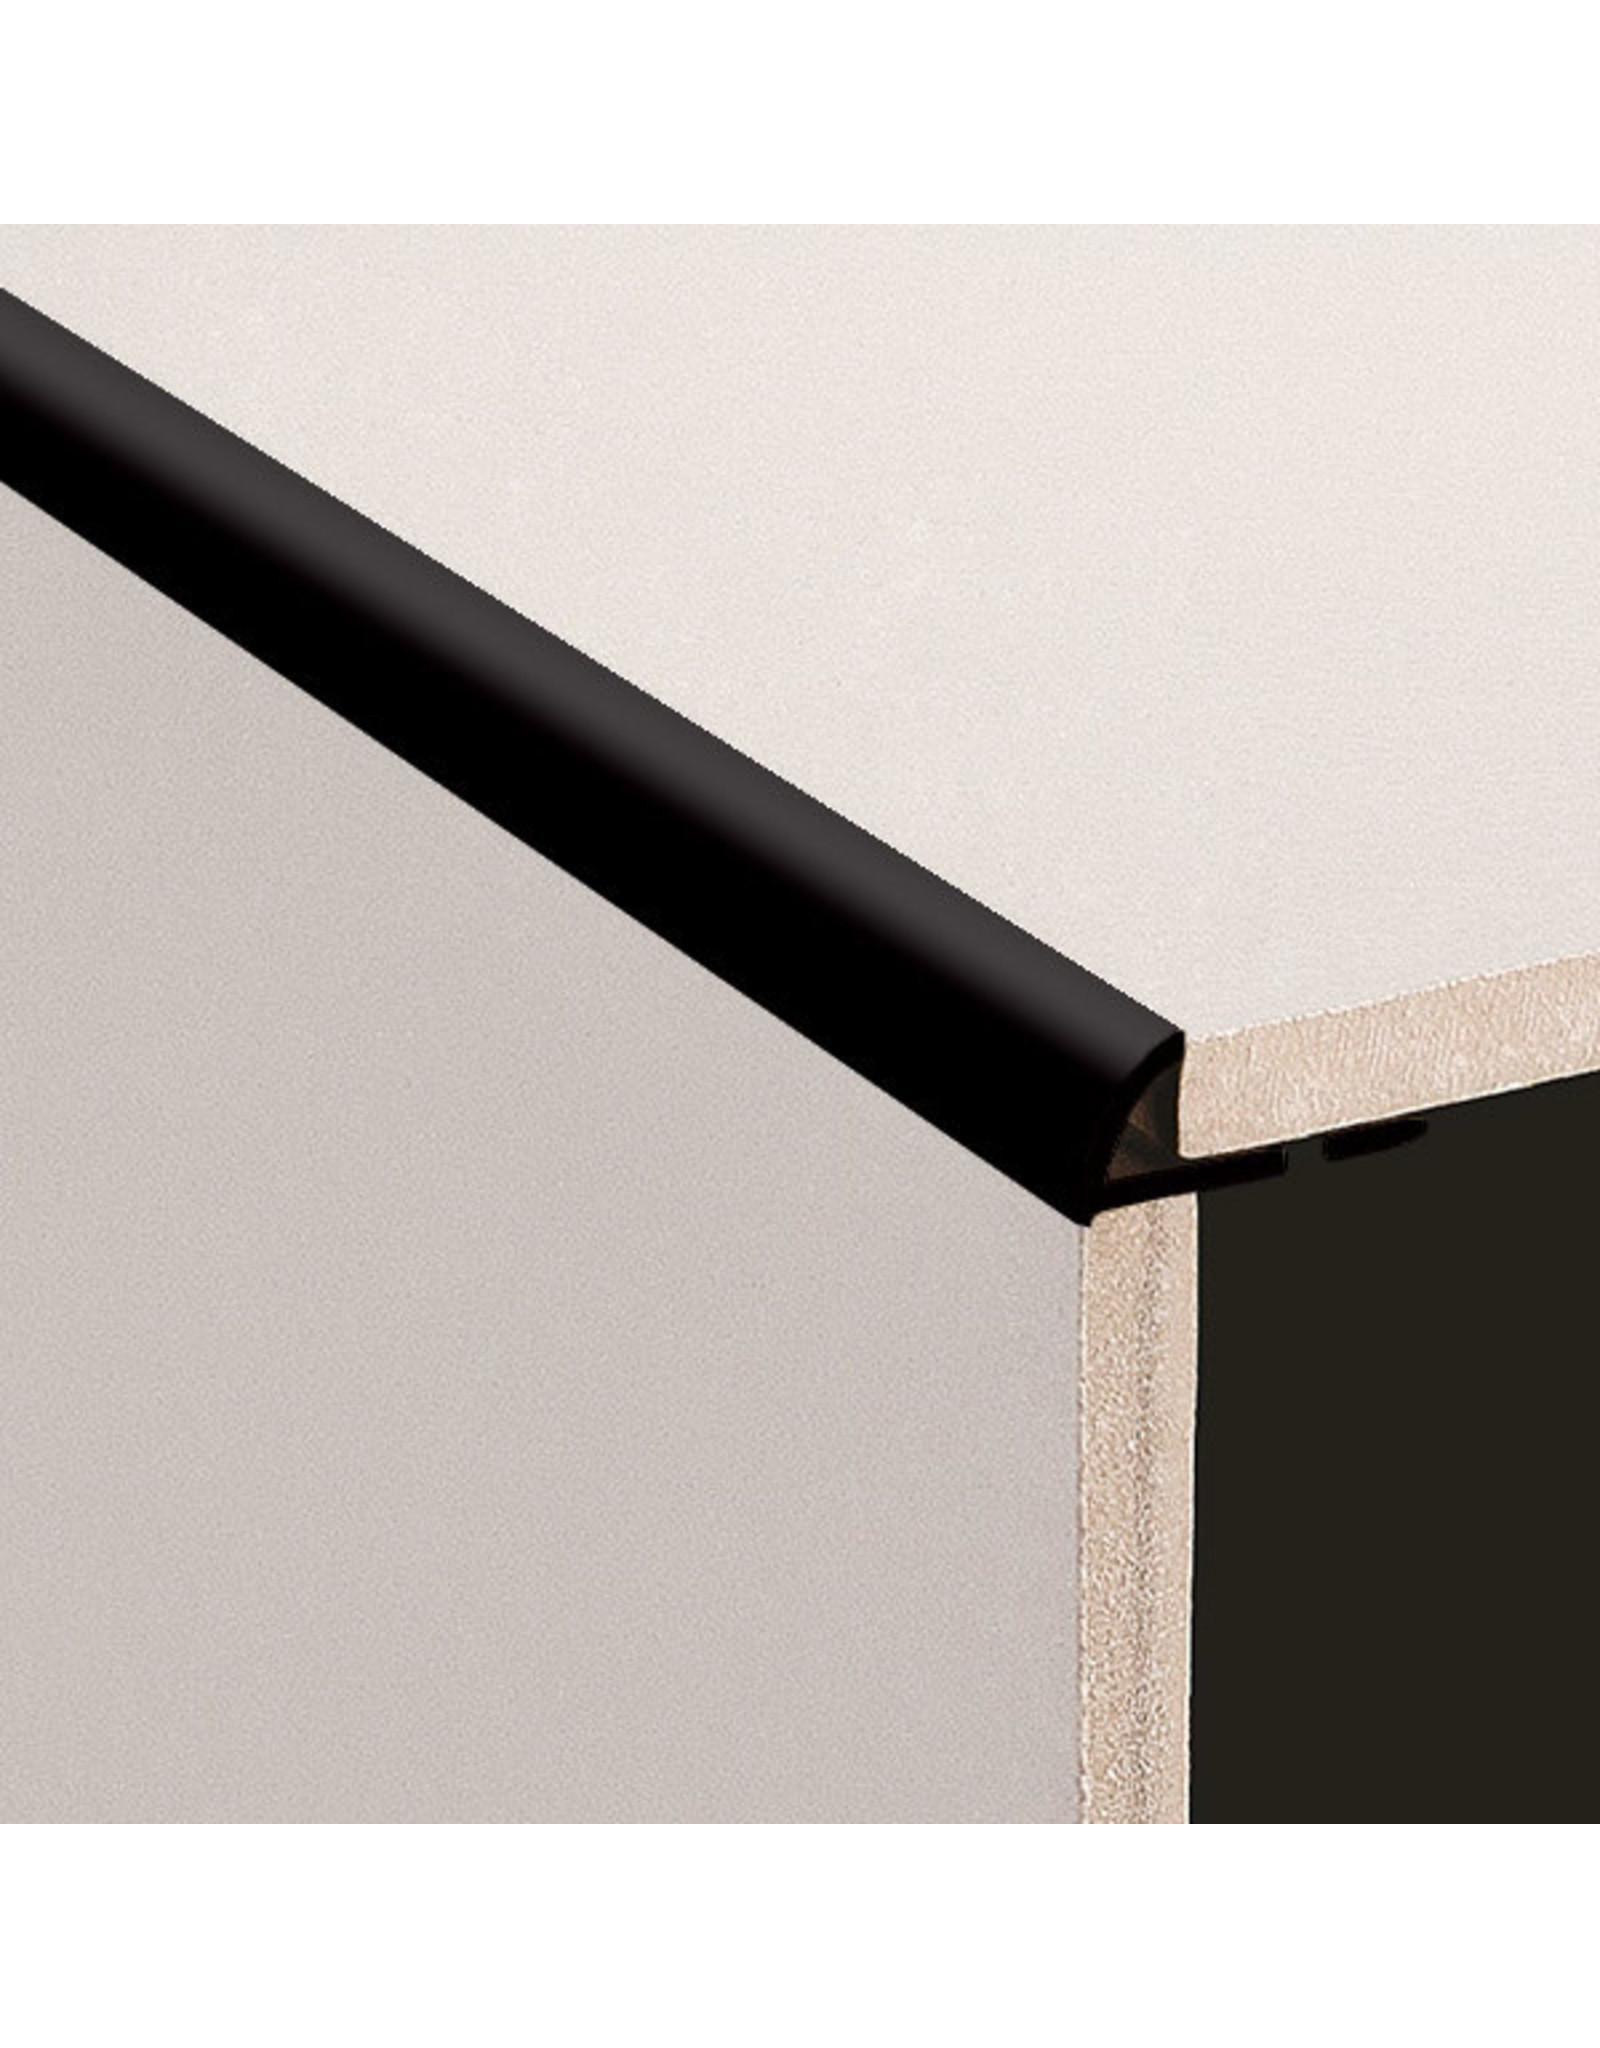 DTA 12mm DTA Aluminium Round Edge Trim Brushed Black